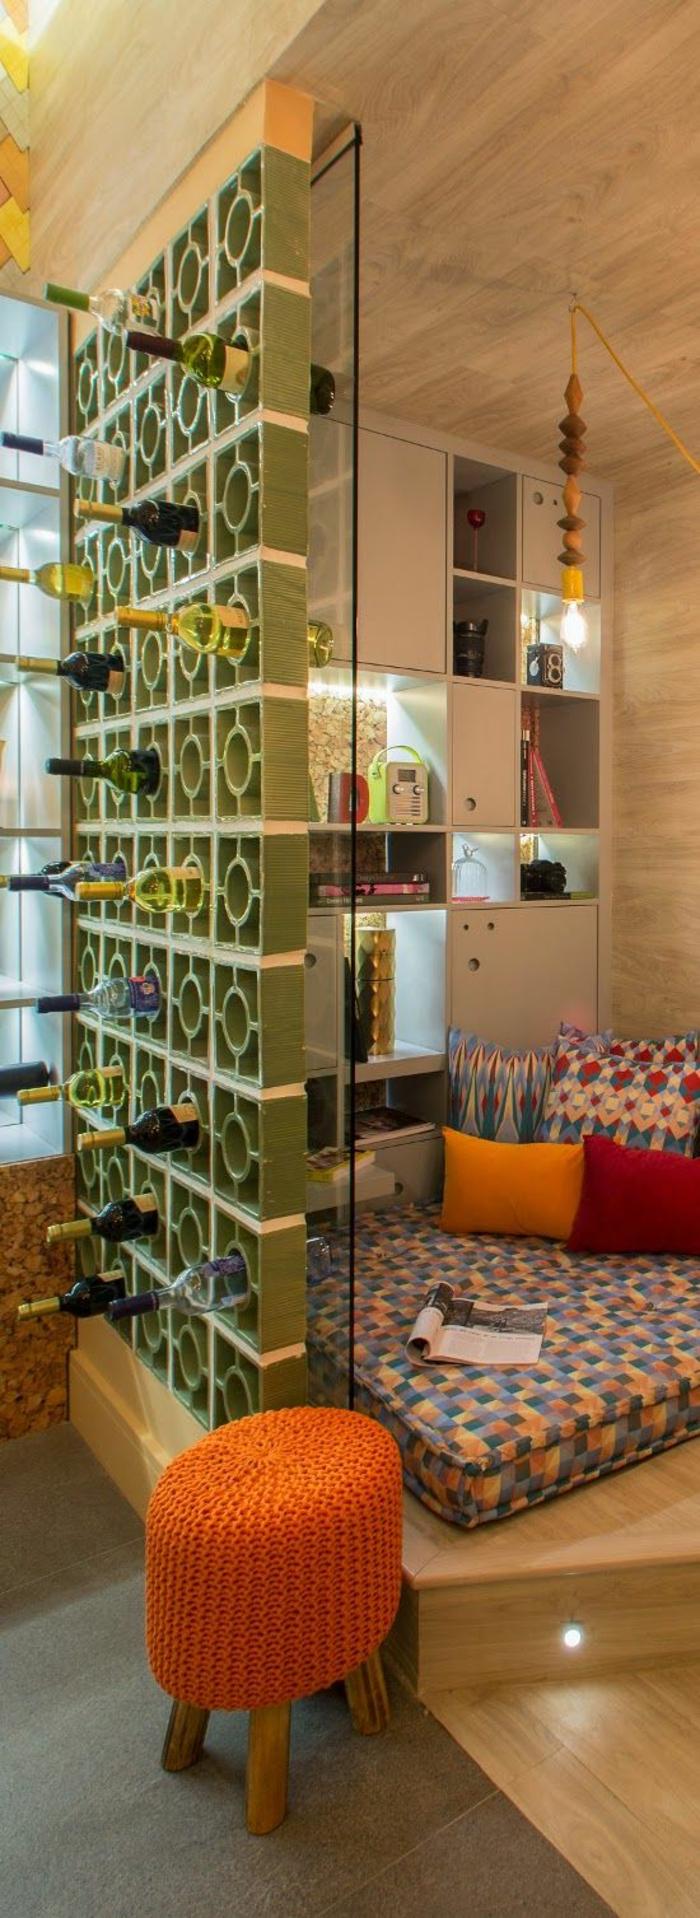 cloison separation avec des cercles conteneurs pour les bouteilles de vin, séparateur espace en vert réséda, pour délimiter la chambre à coucher